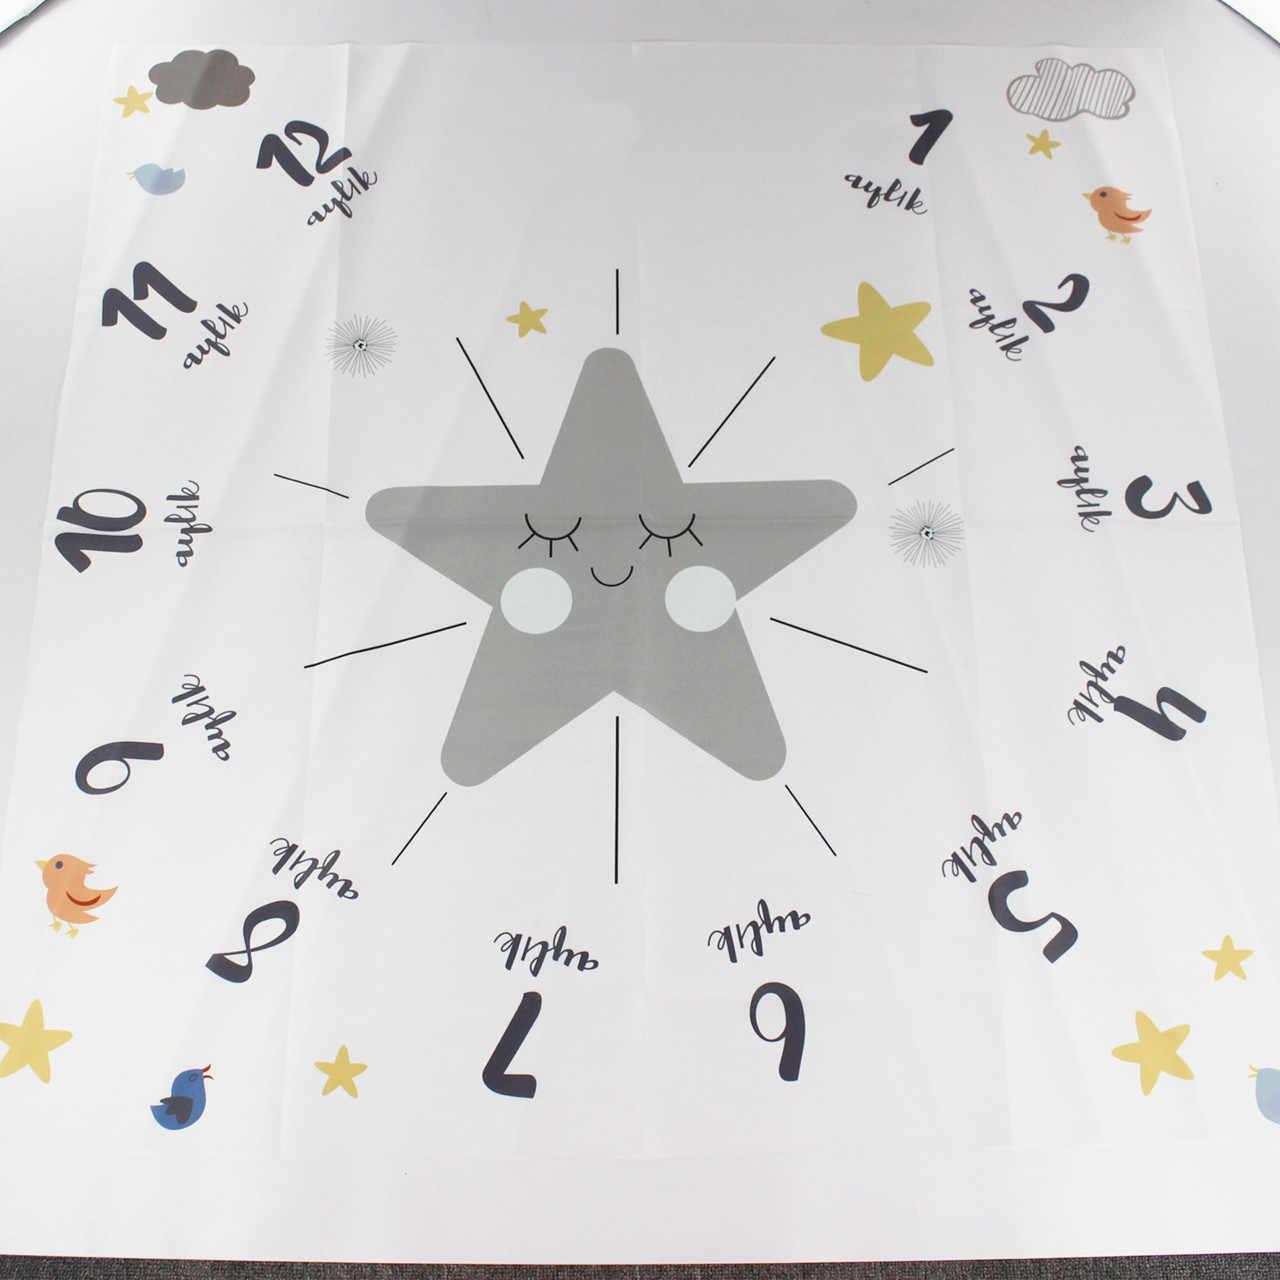 2019 novo bebê marco cobertor estrela fotografia adereços memorial crescimento mensal pano de fundo infantil bebe menina foto acessórios